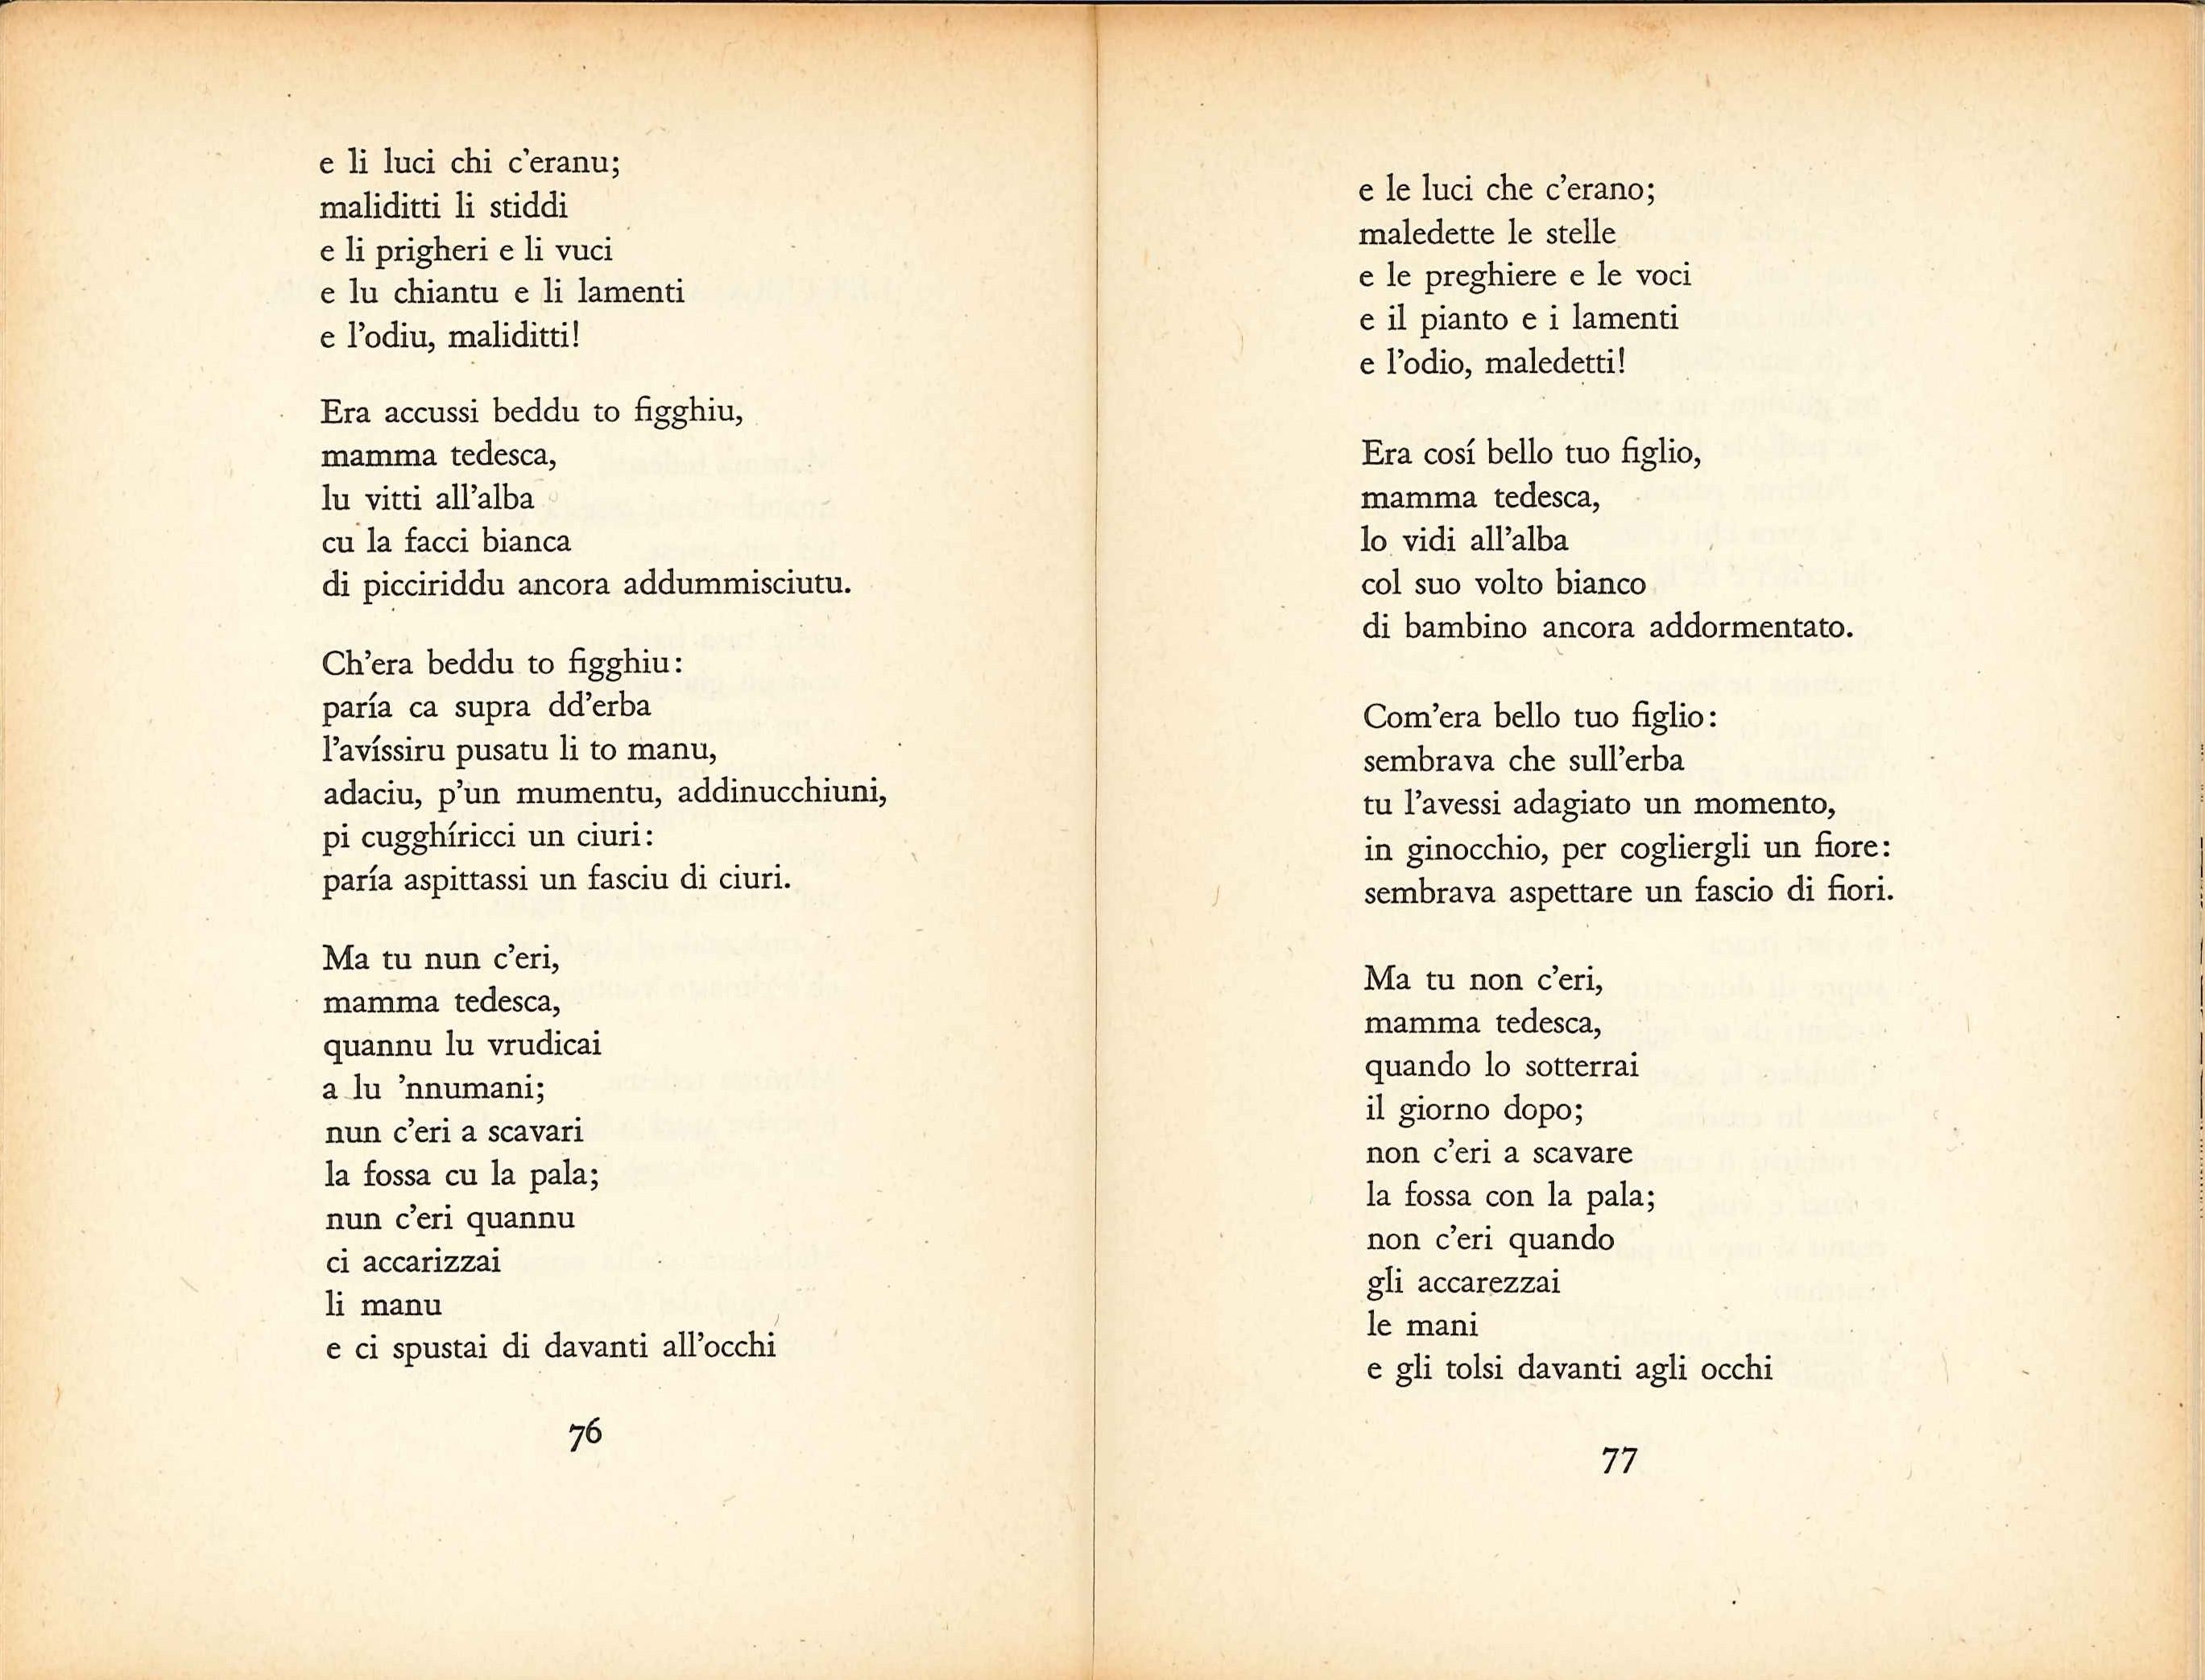 Poesie di natale tedesche